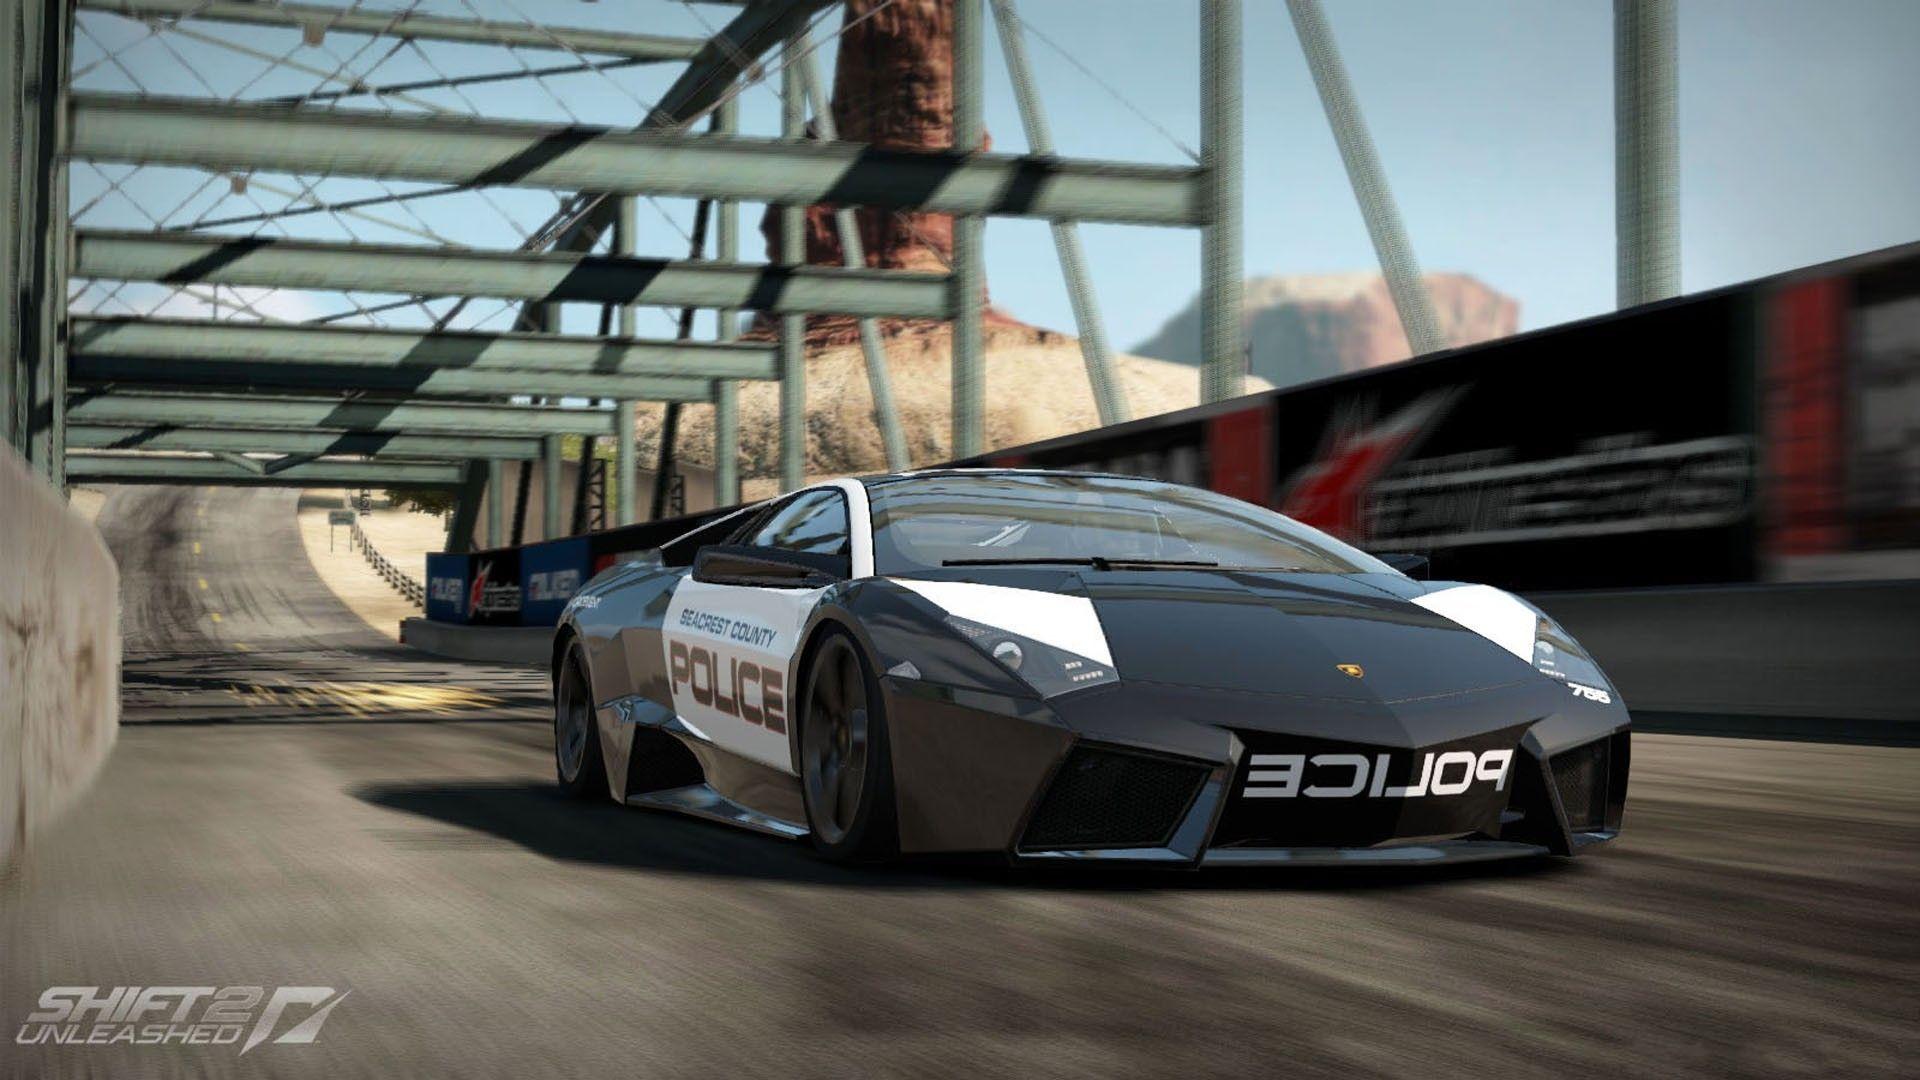 78032570a4b074c87bcf3bf21b02fe57 Marvelous Lamborghini Countach Nfs Hot Pursuit Cars Trend